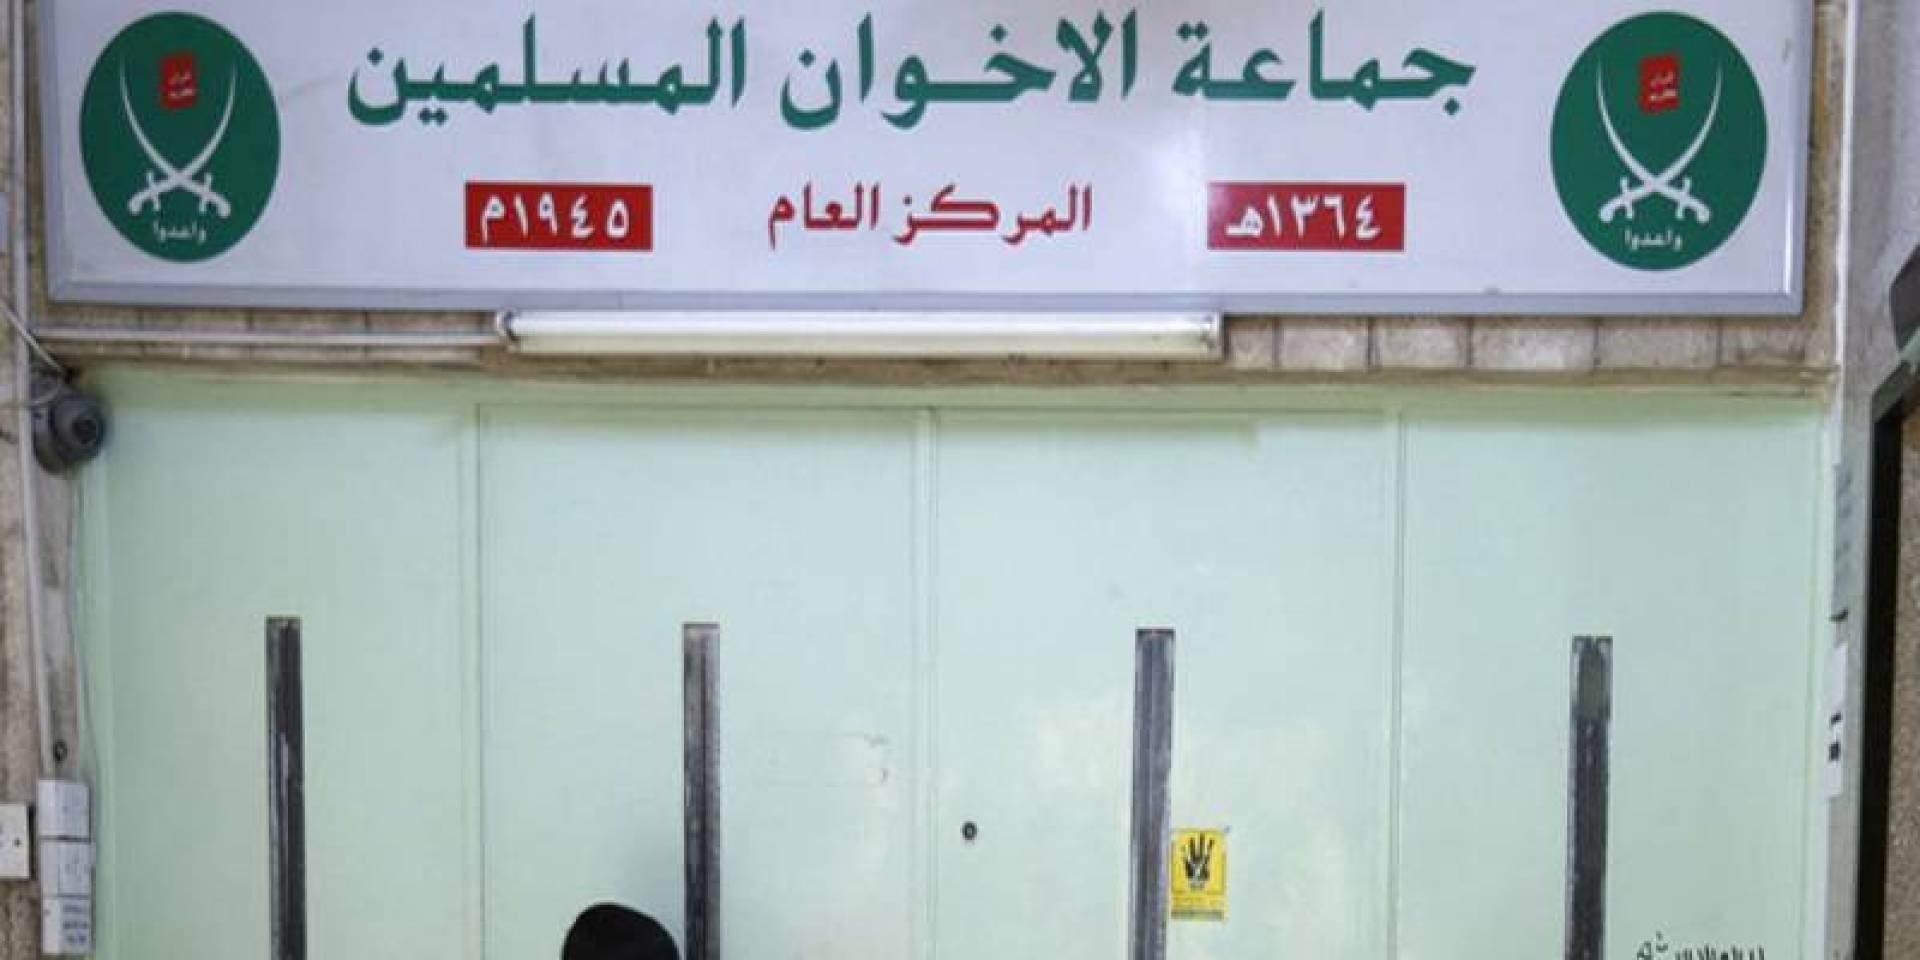 الأردن يبدأ مرحلة جديدة مع «الإخوان»